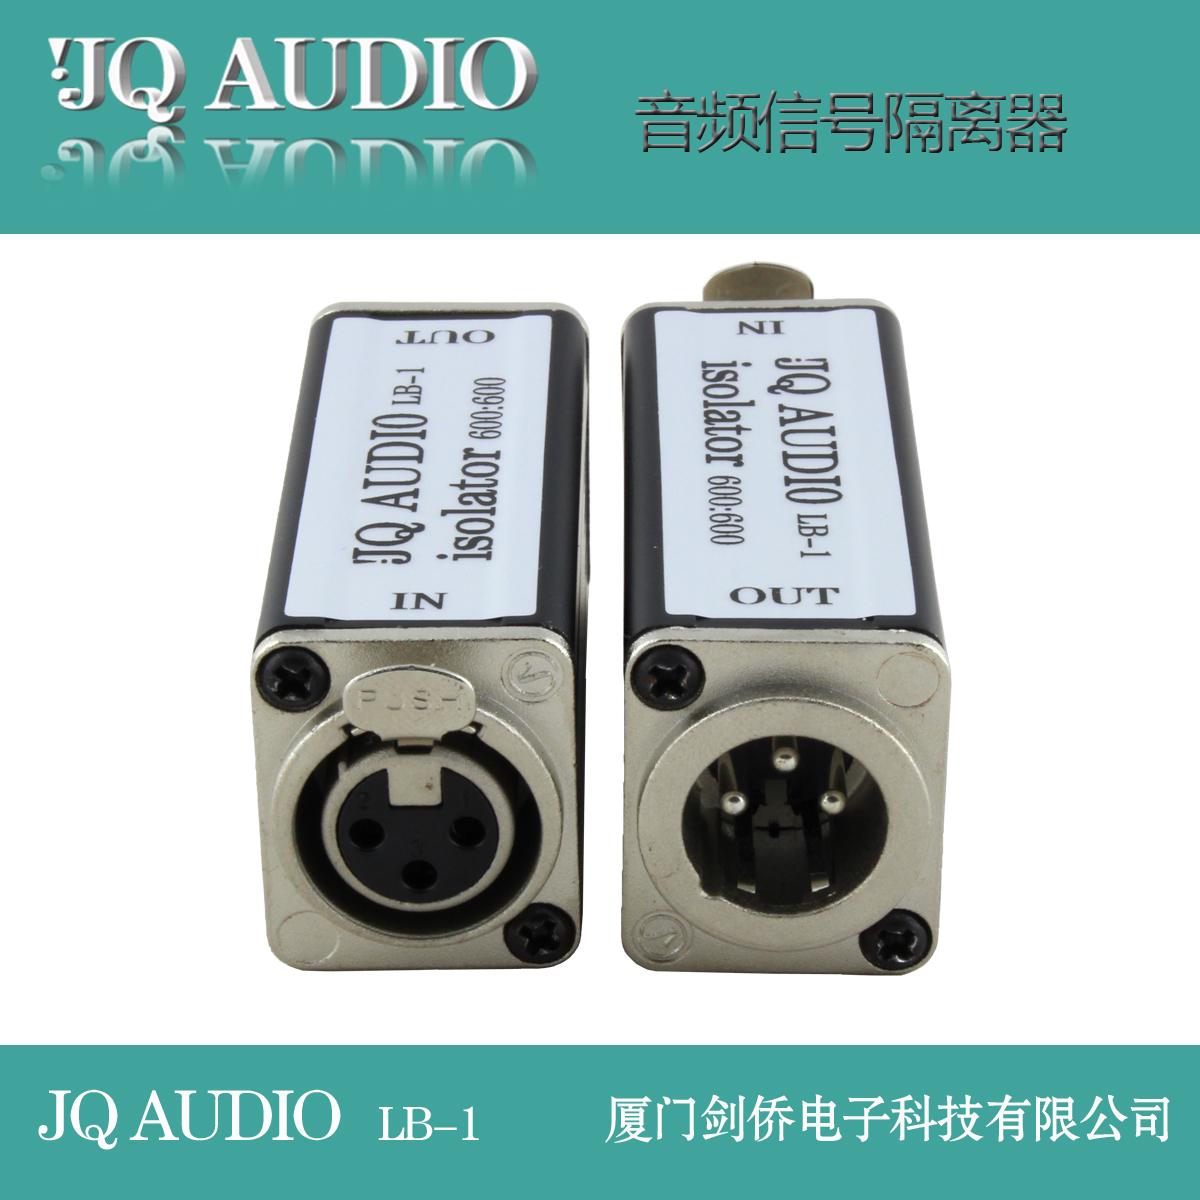 Специальность звуковая частота изоляция устройство ликвидировать кроме шум звук электрический ток звук карта леннон джек звуковая частота фильтр волна изоляция устройство